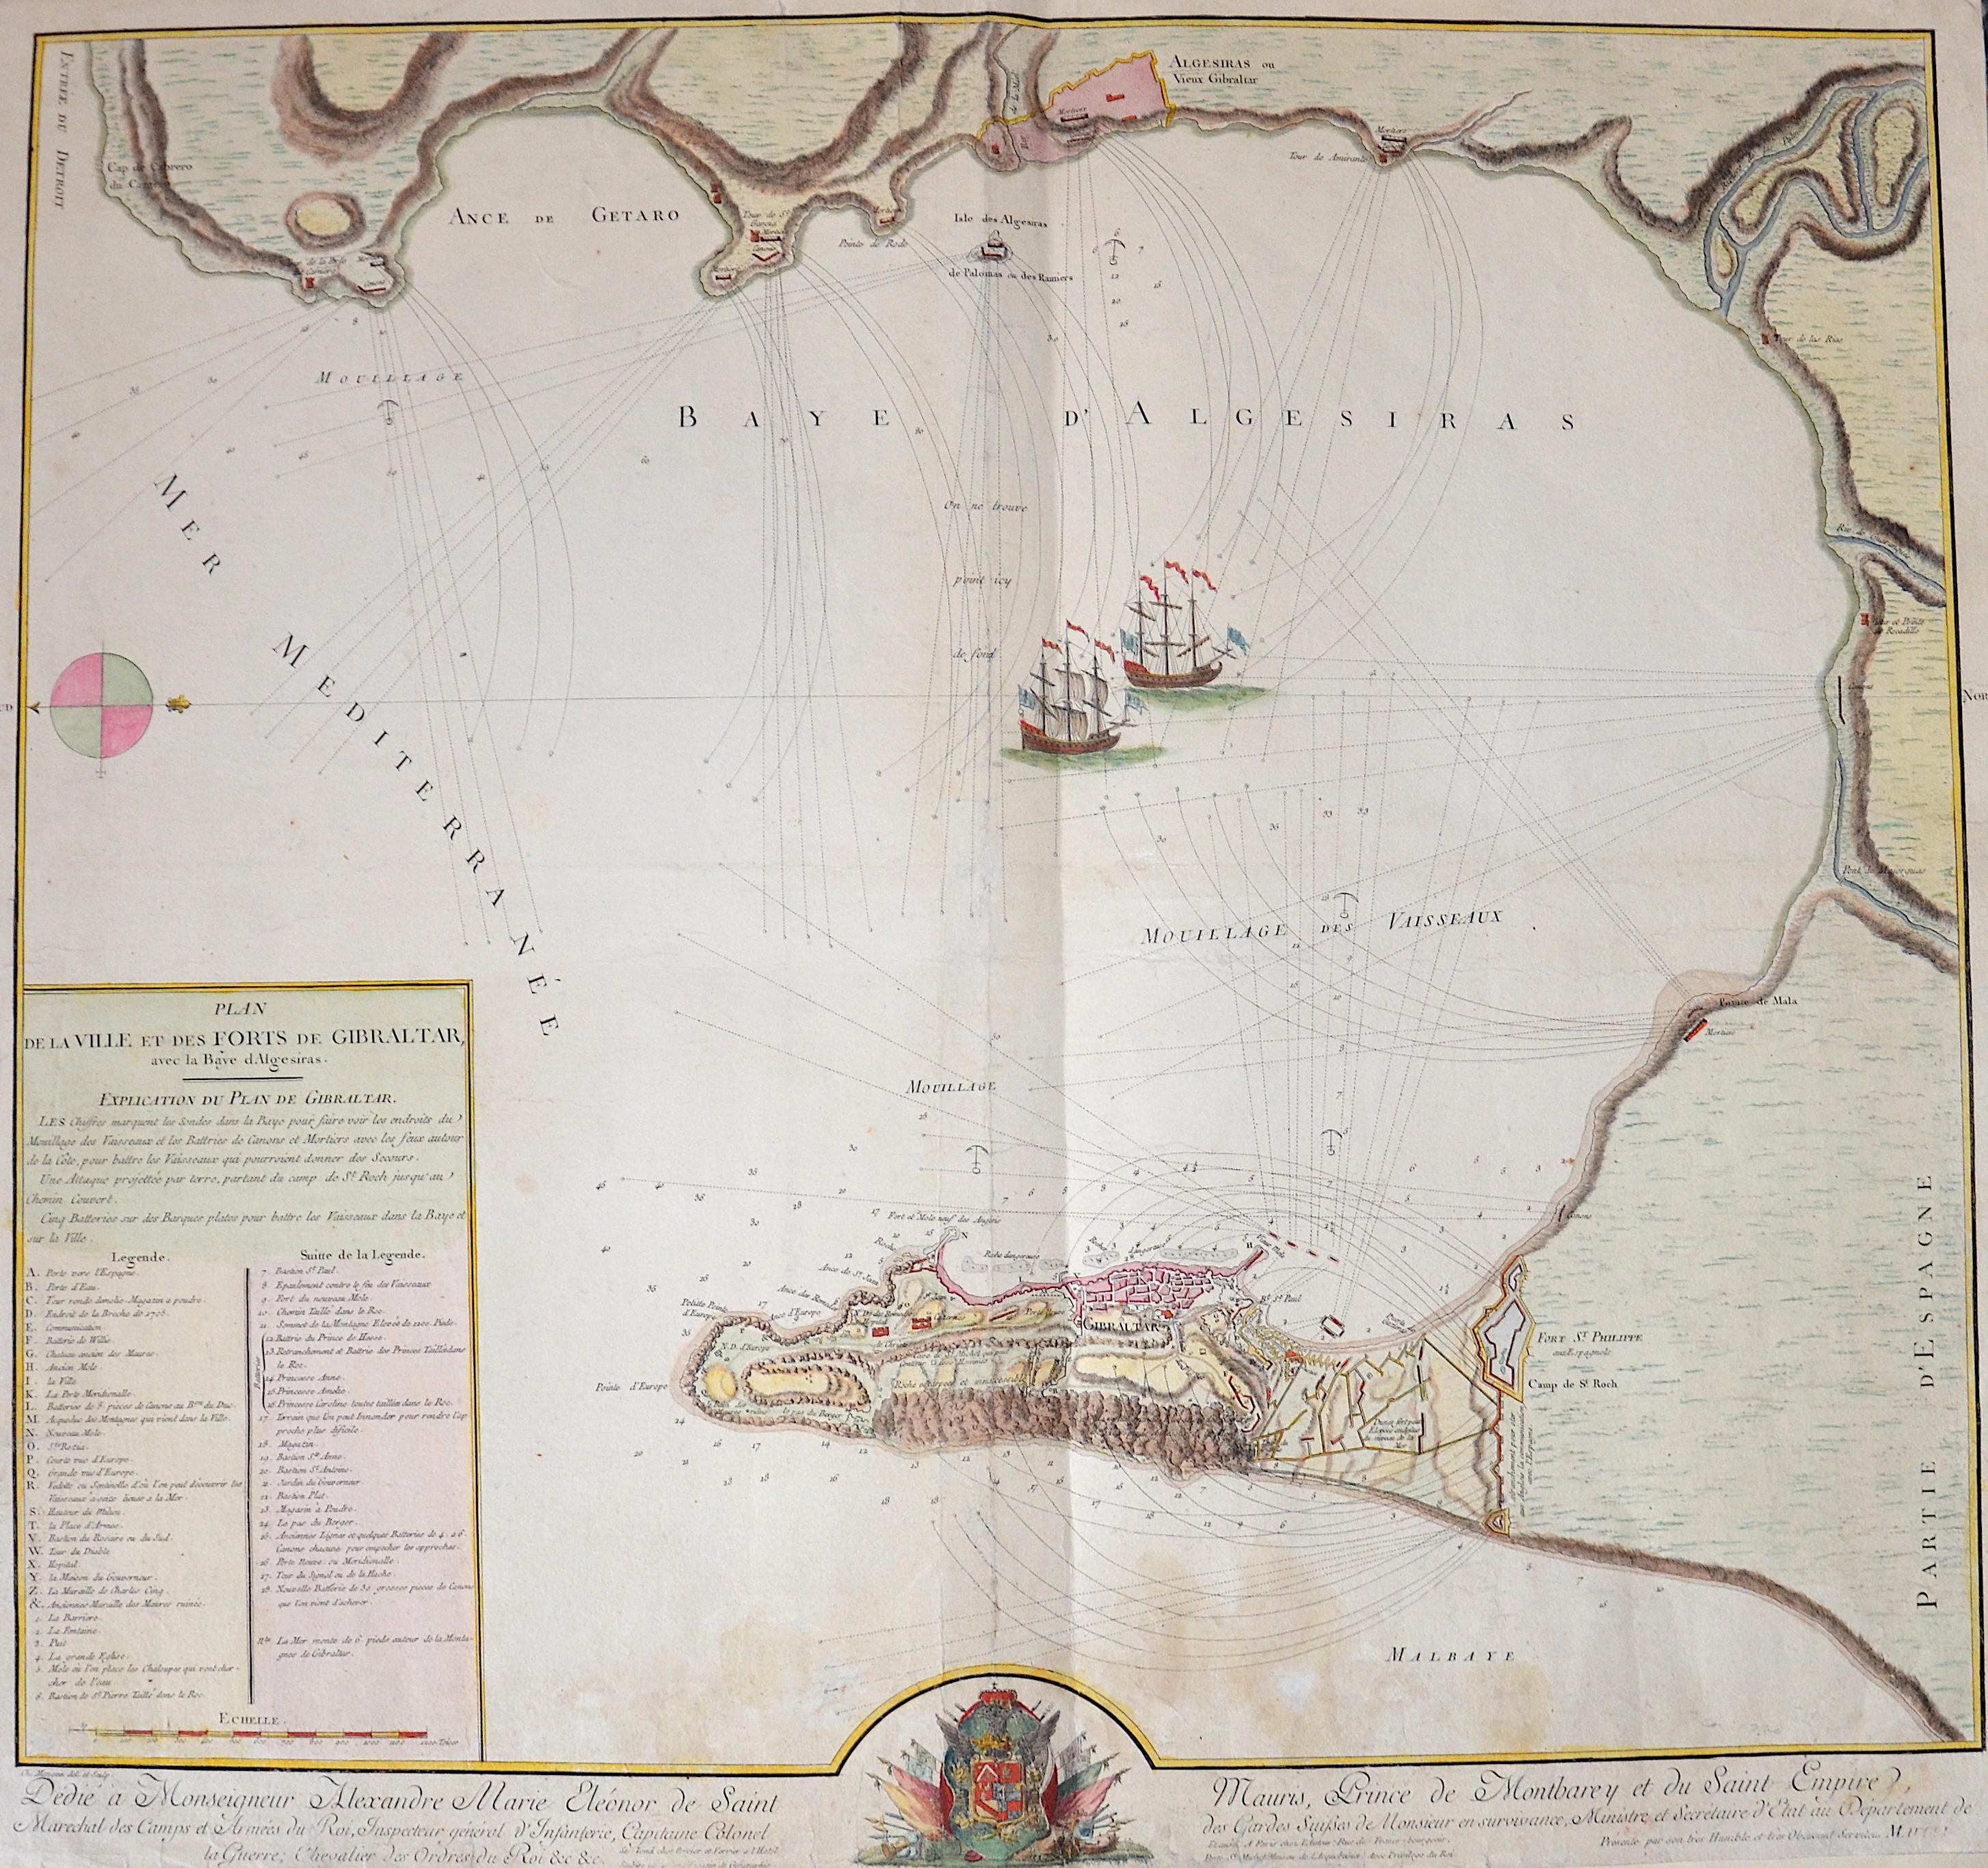 Maugein  Plan de la Ville et des Forts de Gibraltar, avec la Baye d Algesiras.